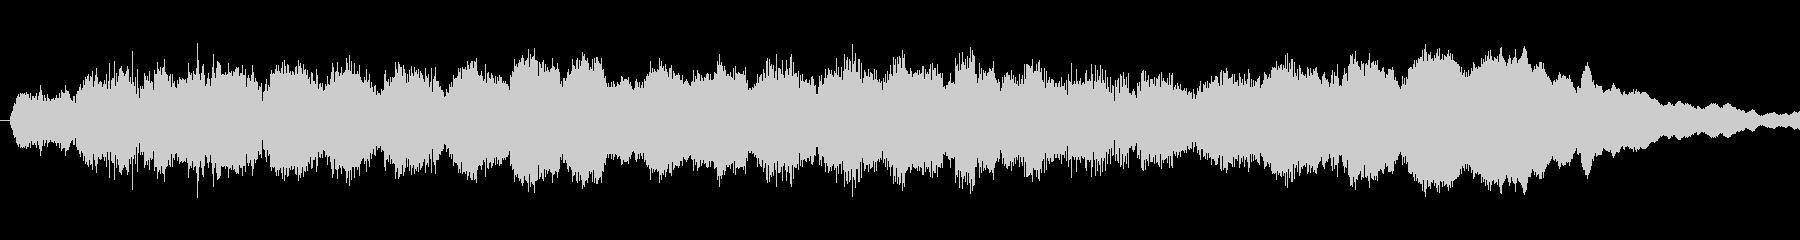 駅のホームのキラキラ音チャイムの未再生の波形